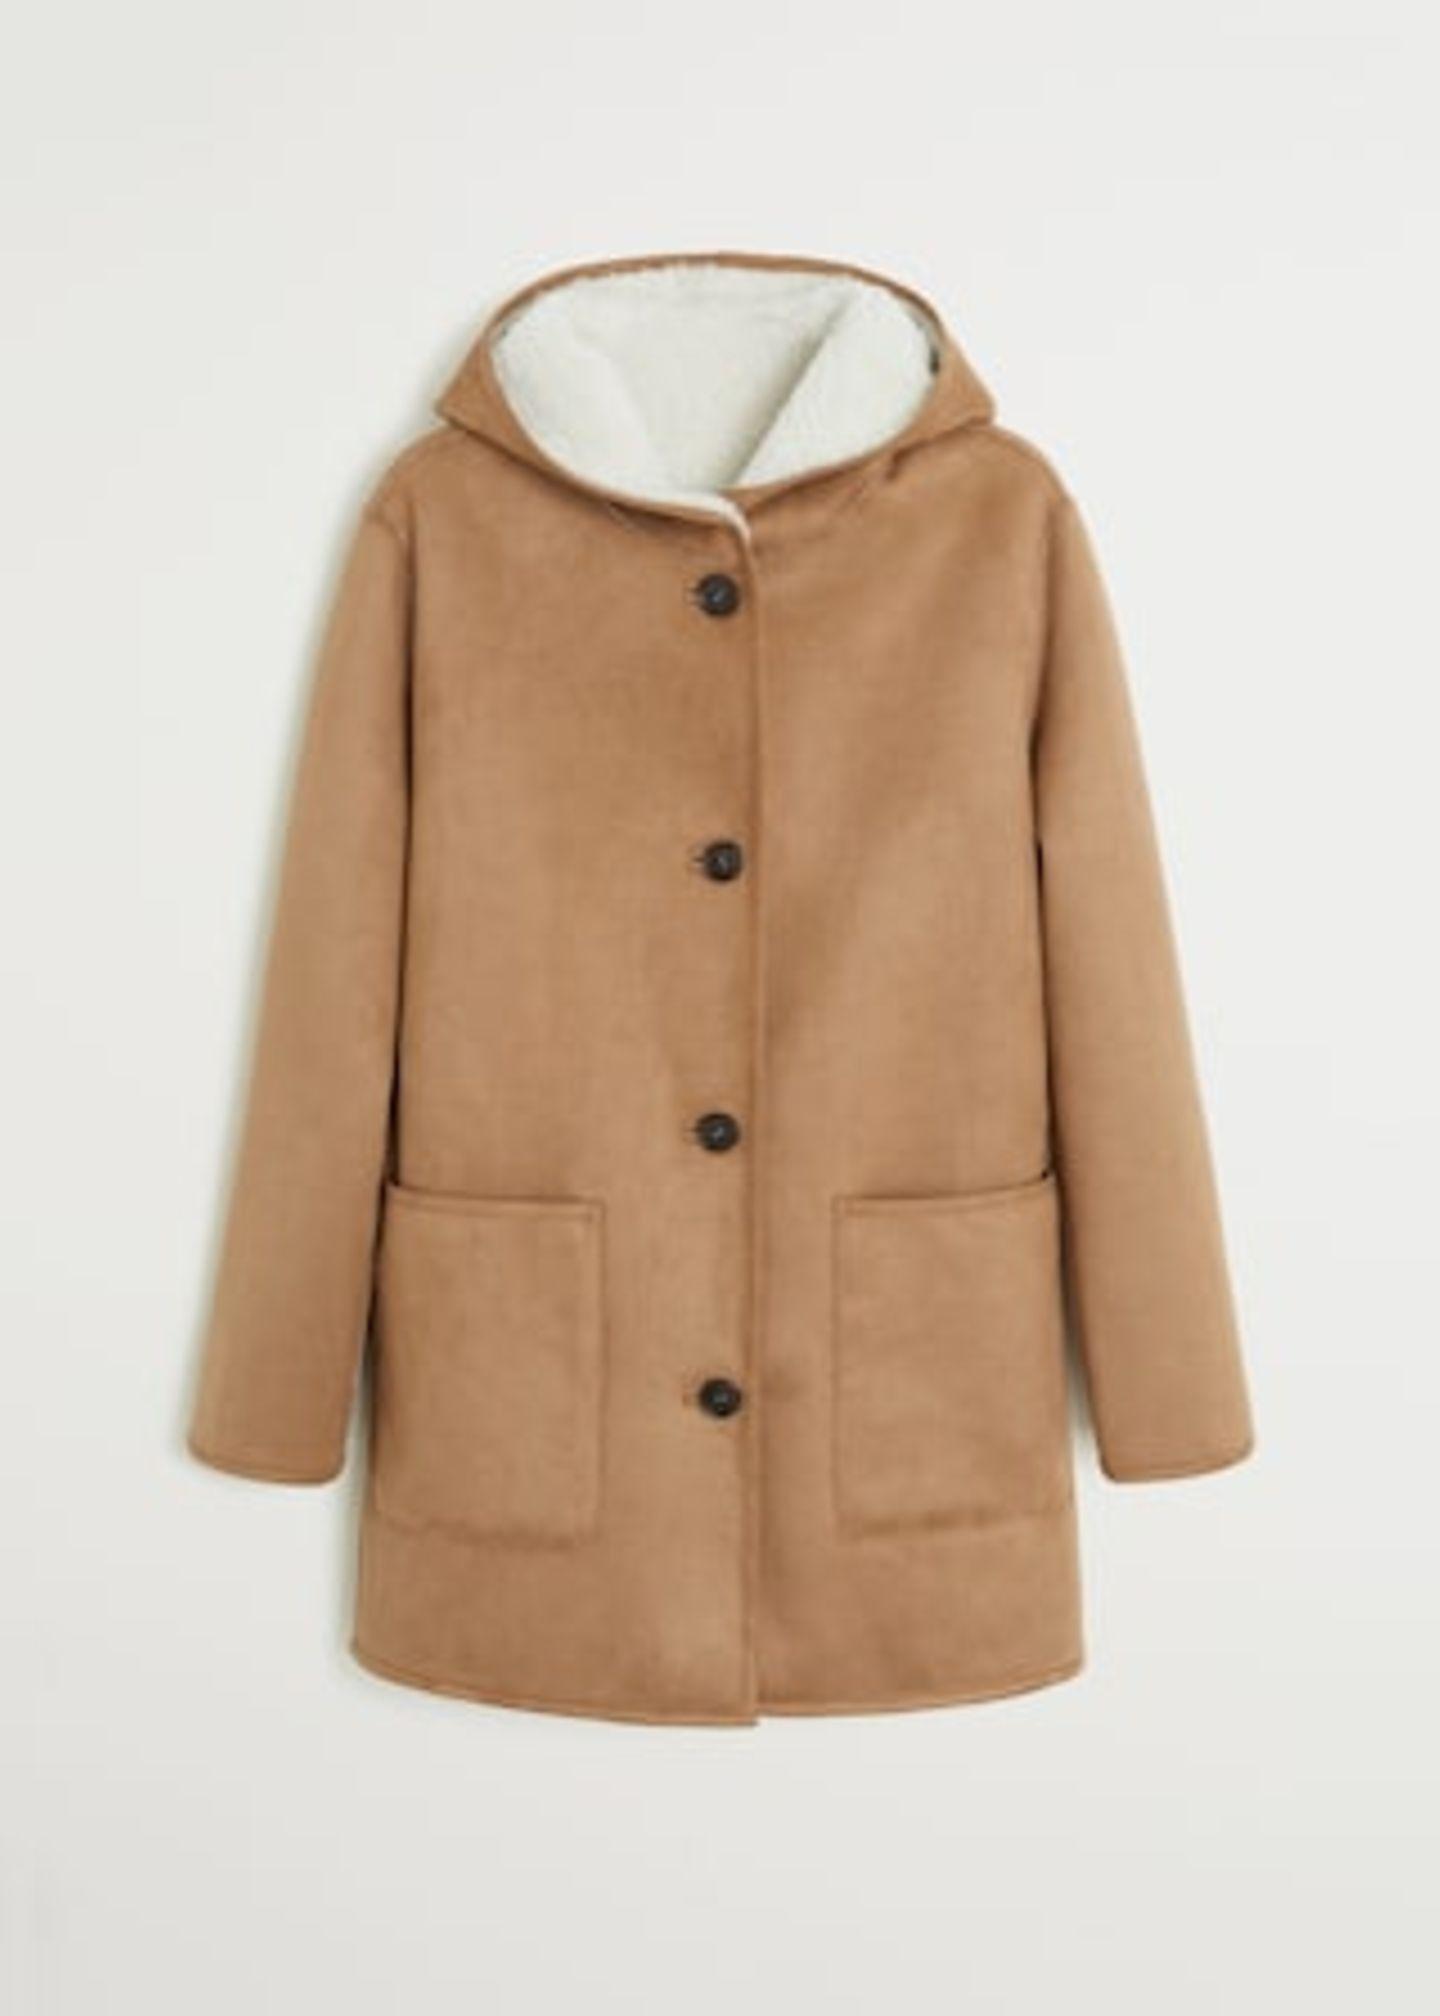 Der warme Kuschel-Mantel ist von Mango und kostet gerade einmal 90 Euro. Und wenn man sieht, wie Sienna damit im Handumdrehen einen super stylischen Look zaubert, ist das doch definitiv eine Investition wert, oder?